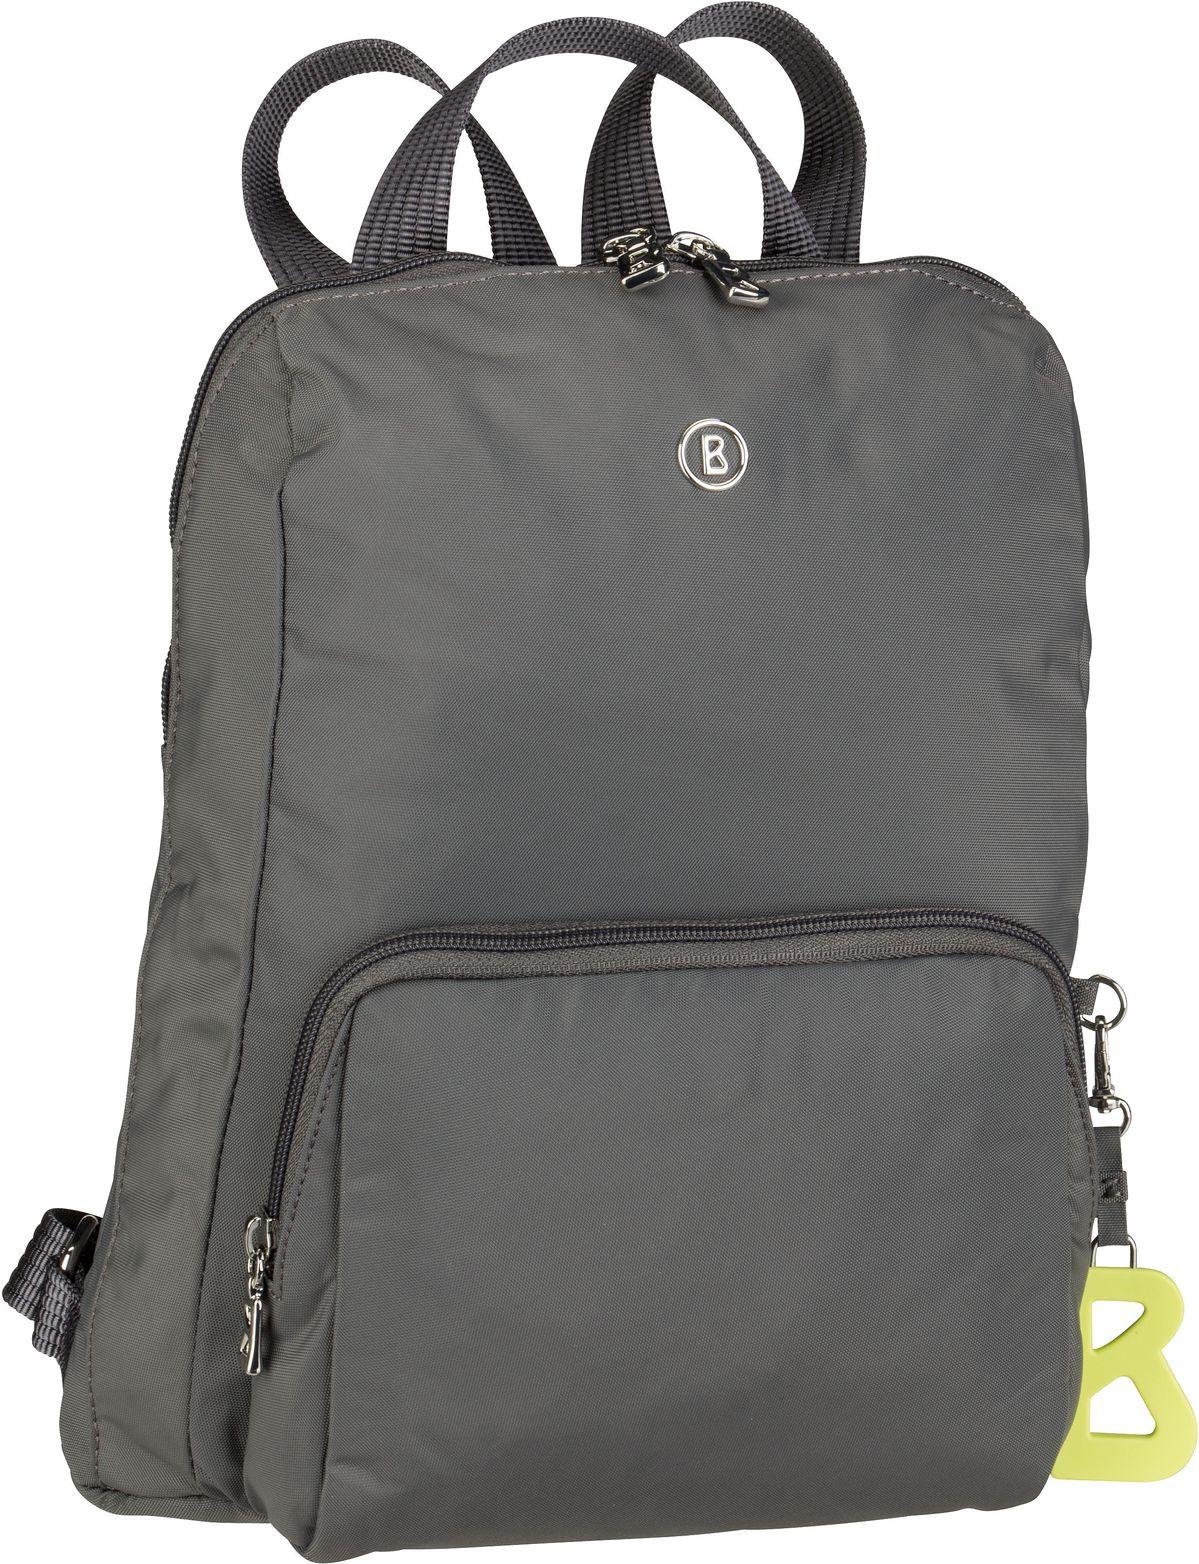 Rucksack / Daypack Verbier Maxi Backpack MVZ Dark Grey